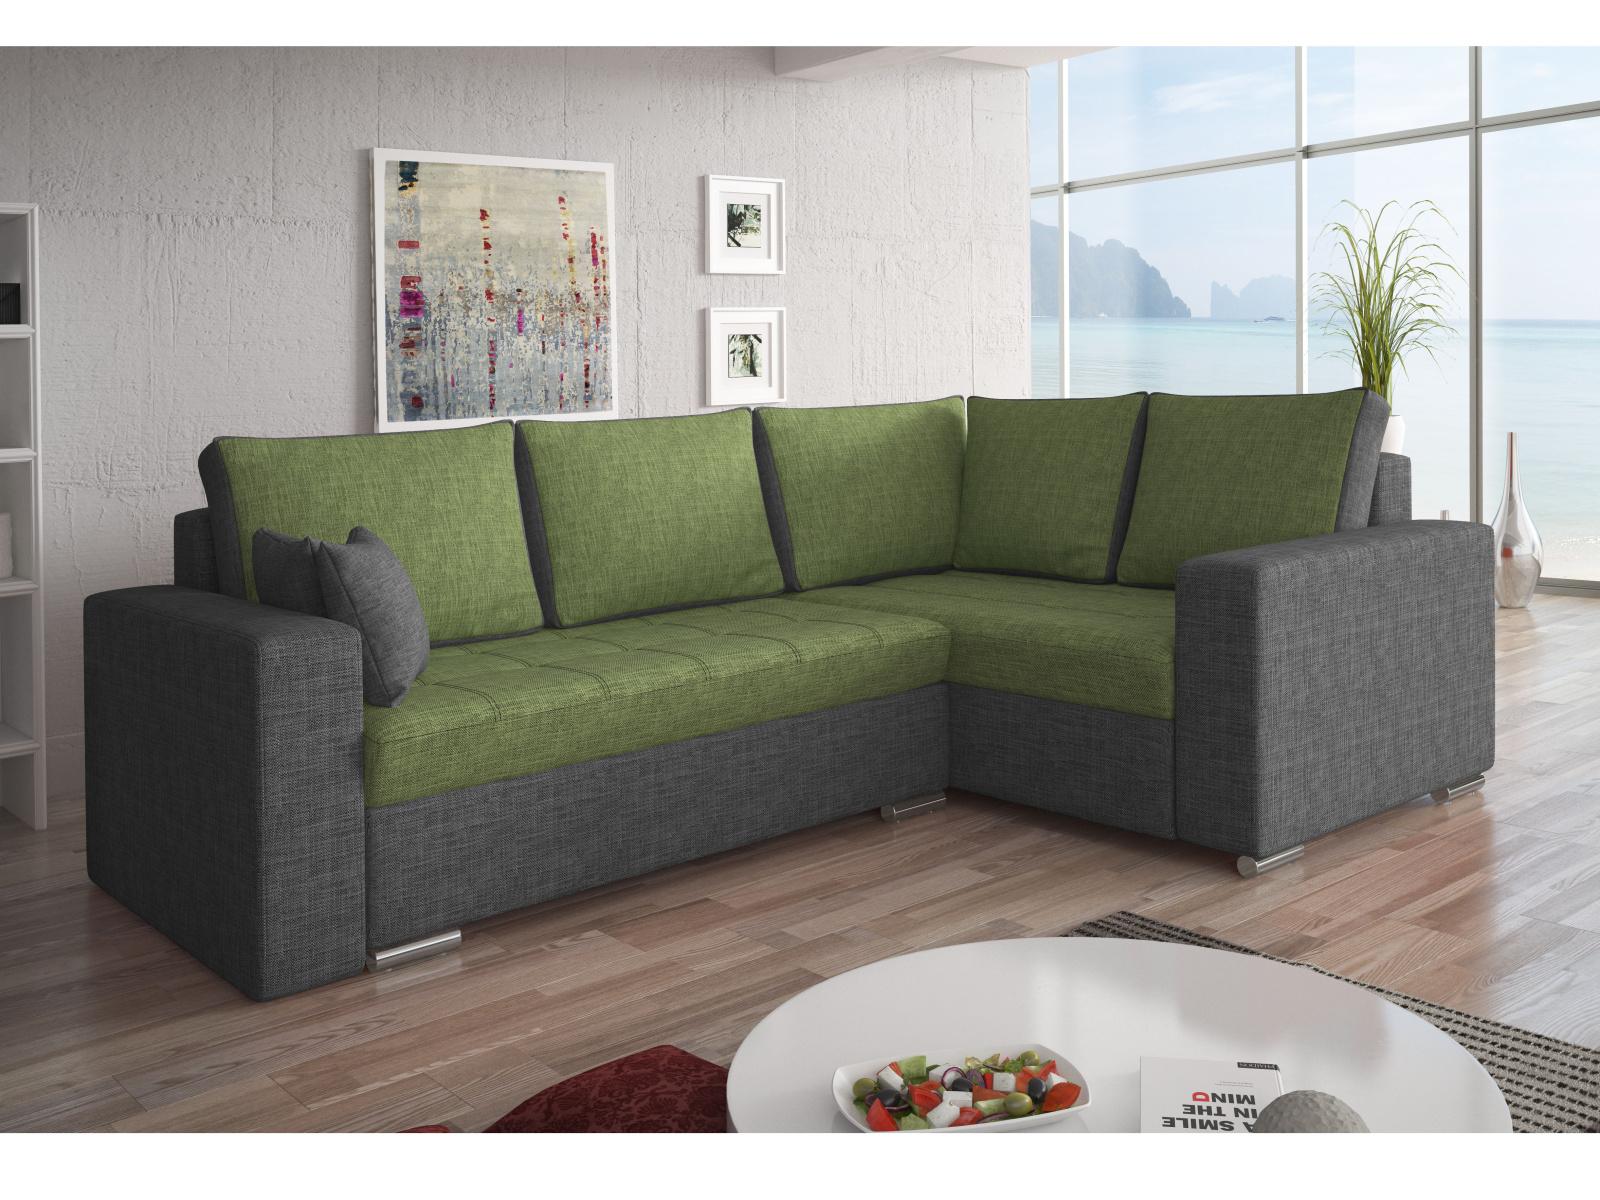 Smartshop Rohová sedačka VALERIO BIS 8 pravá, zelená látka/šedá látka